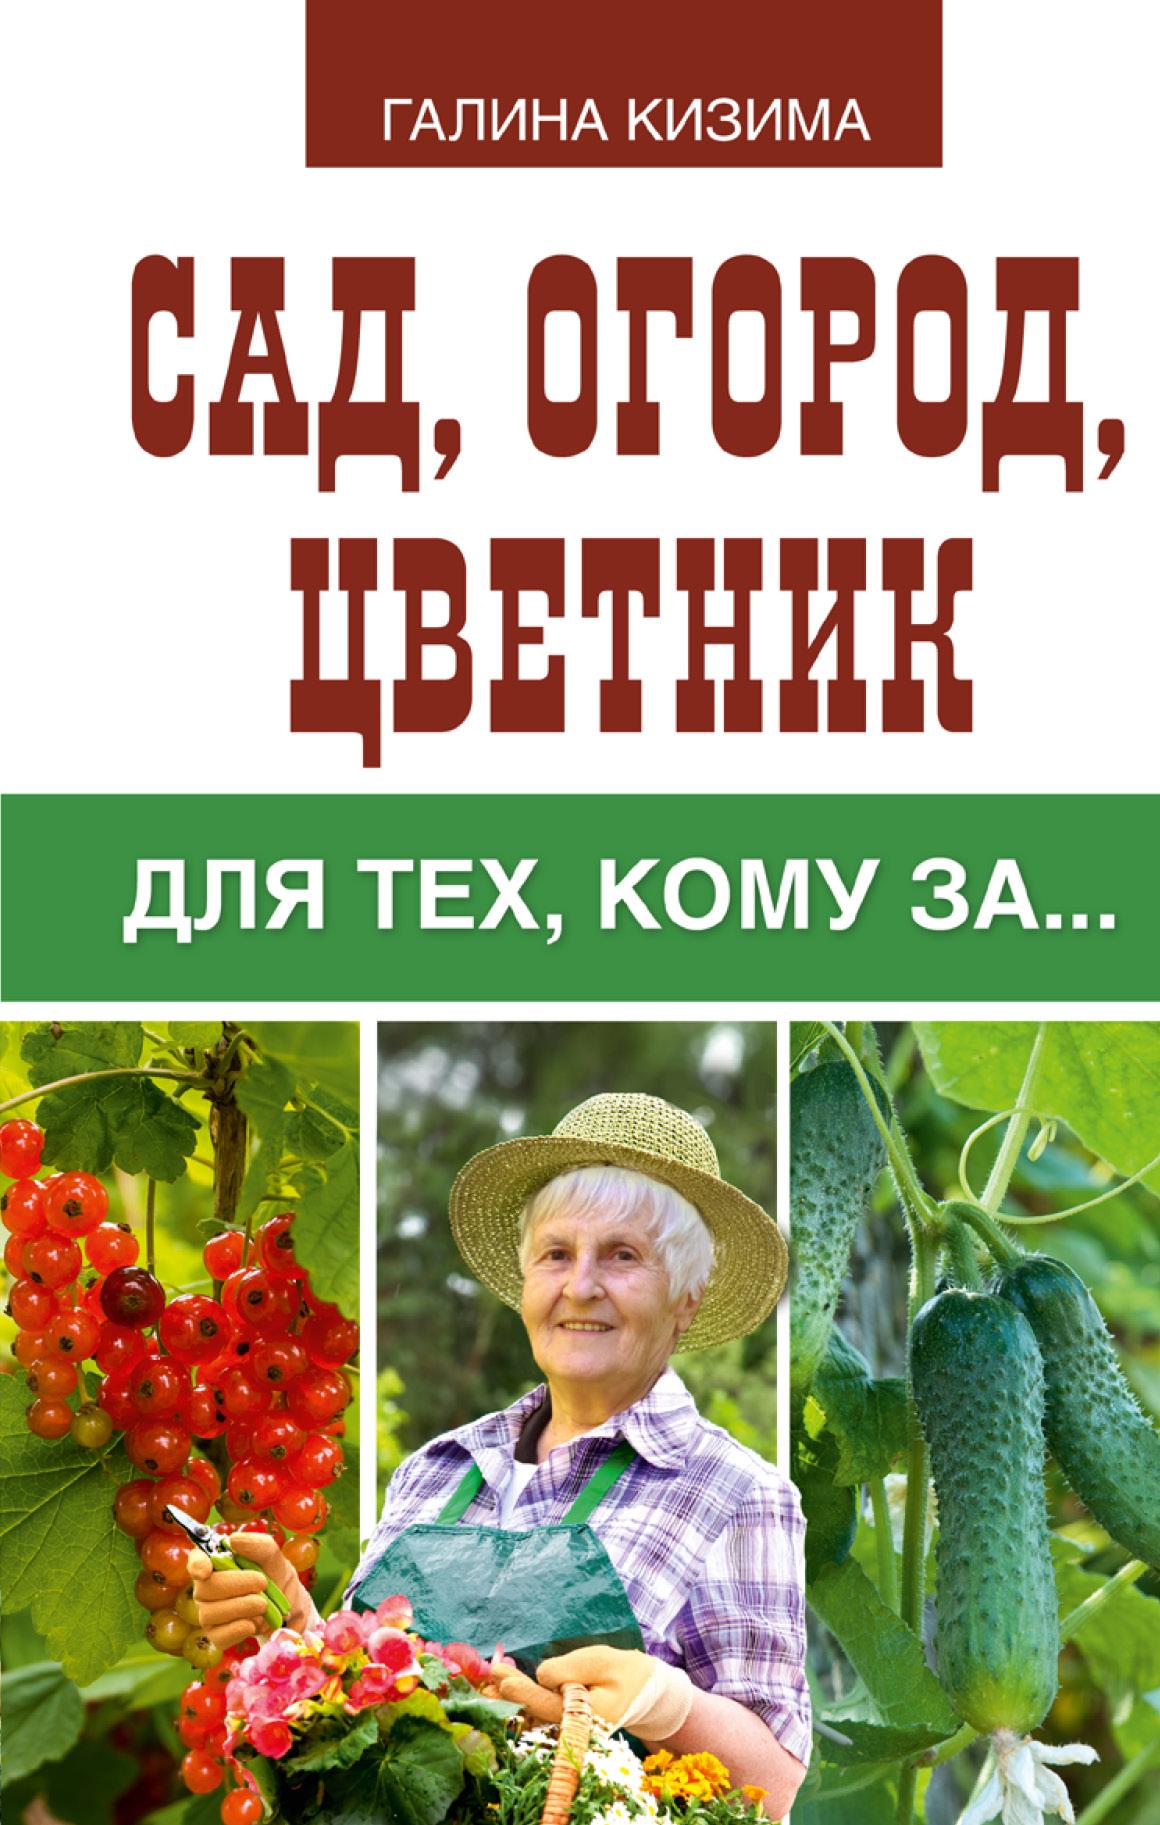 Кизима Г.А. Сад, огород, цветник для тех, кому за… туфли с перфорацией fabi туфли на низком каблуке